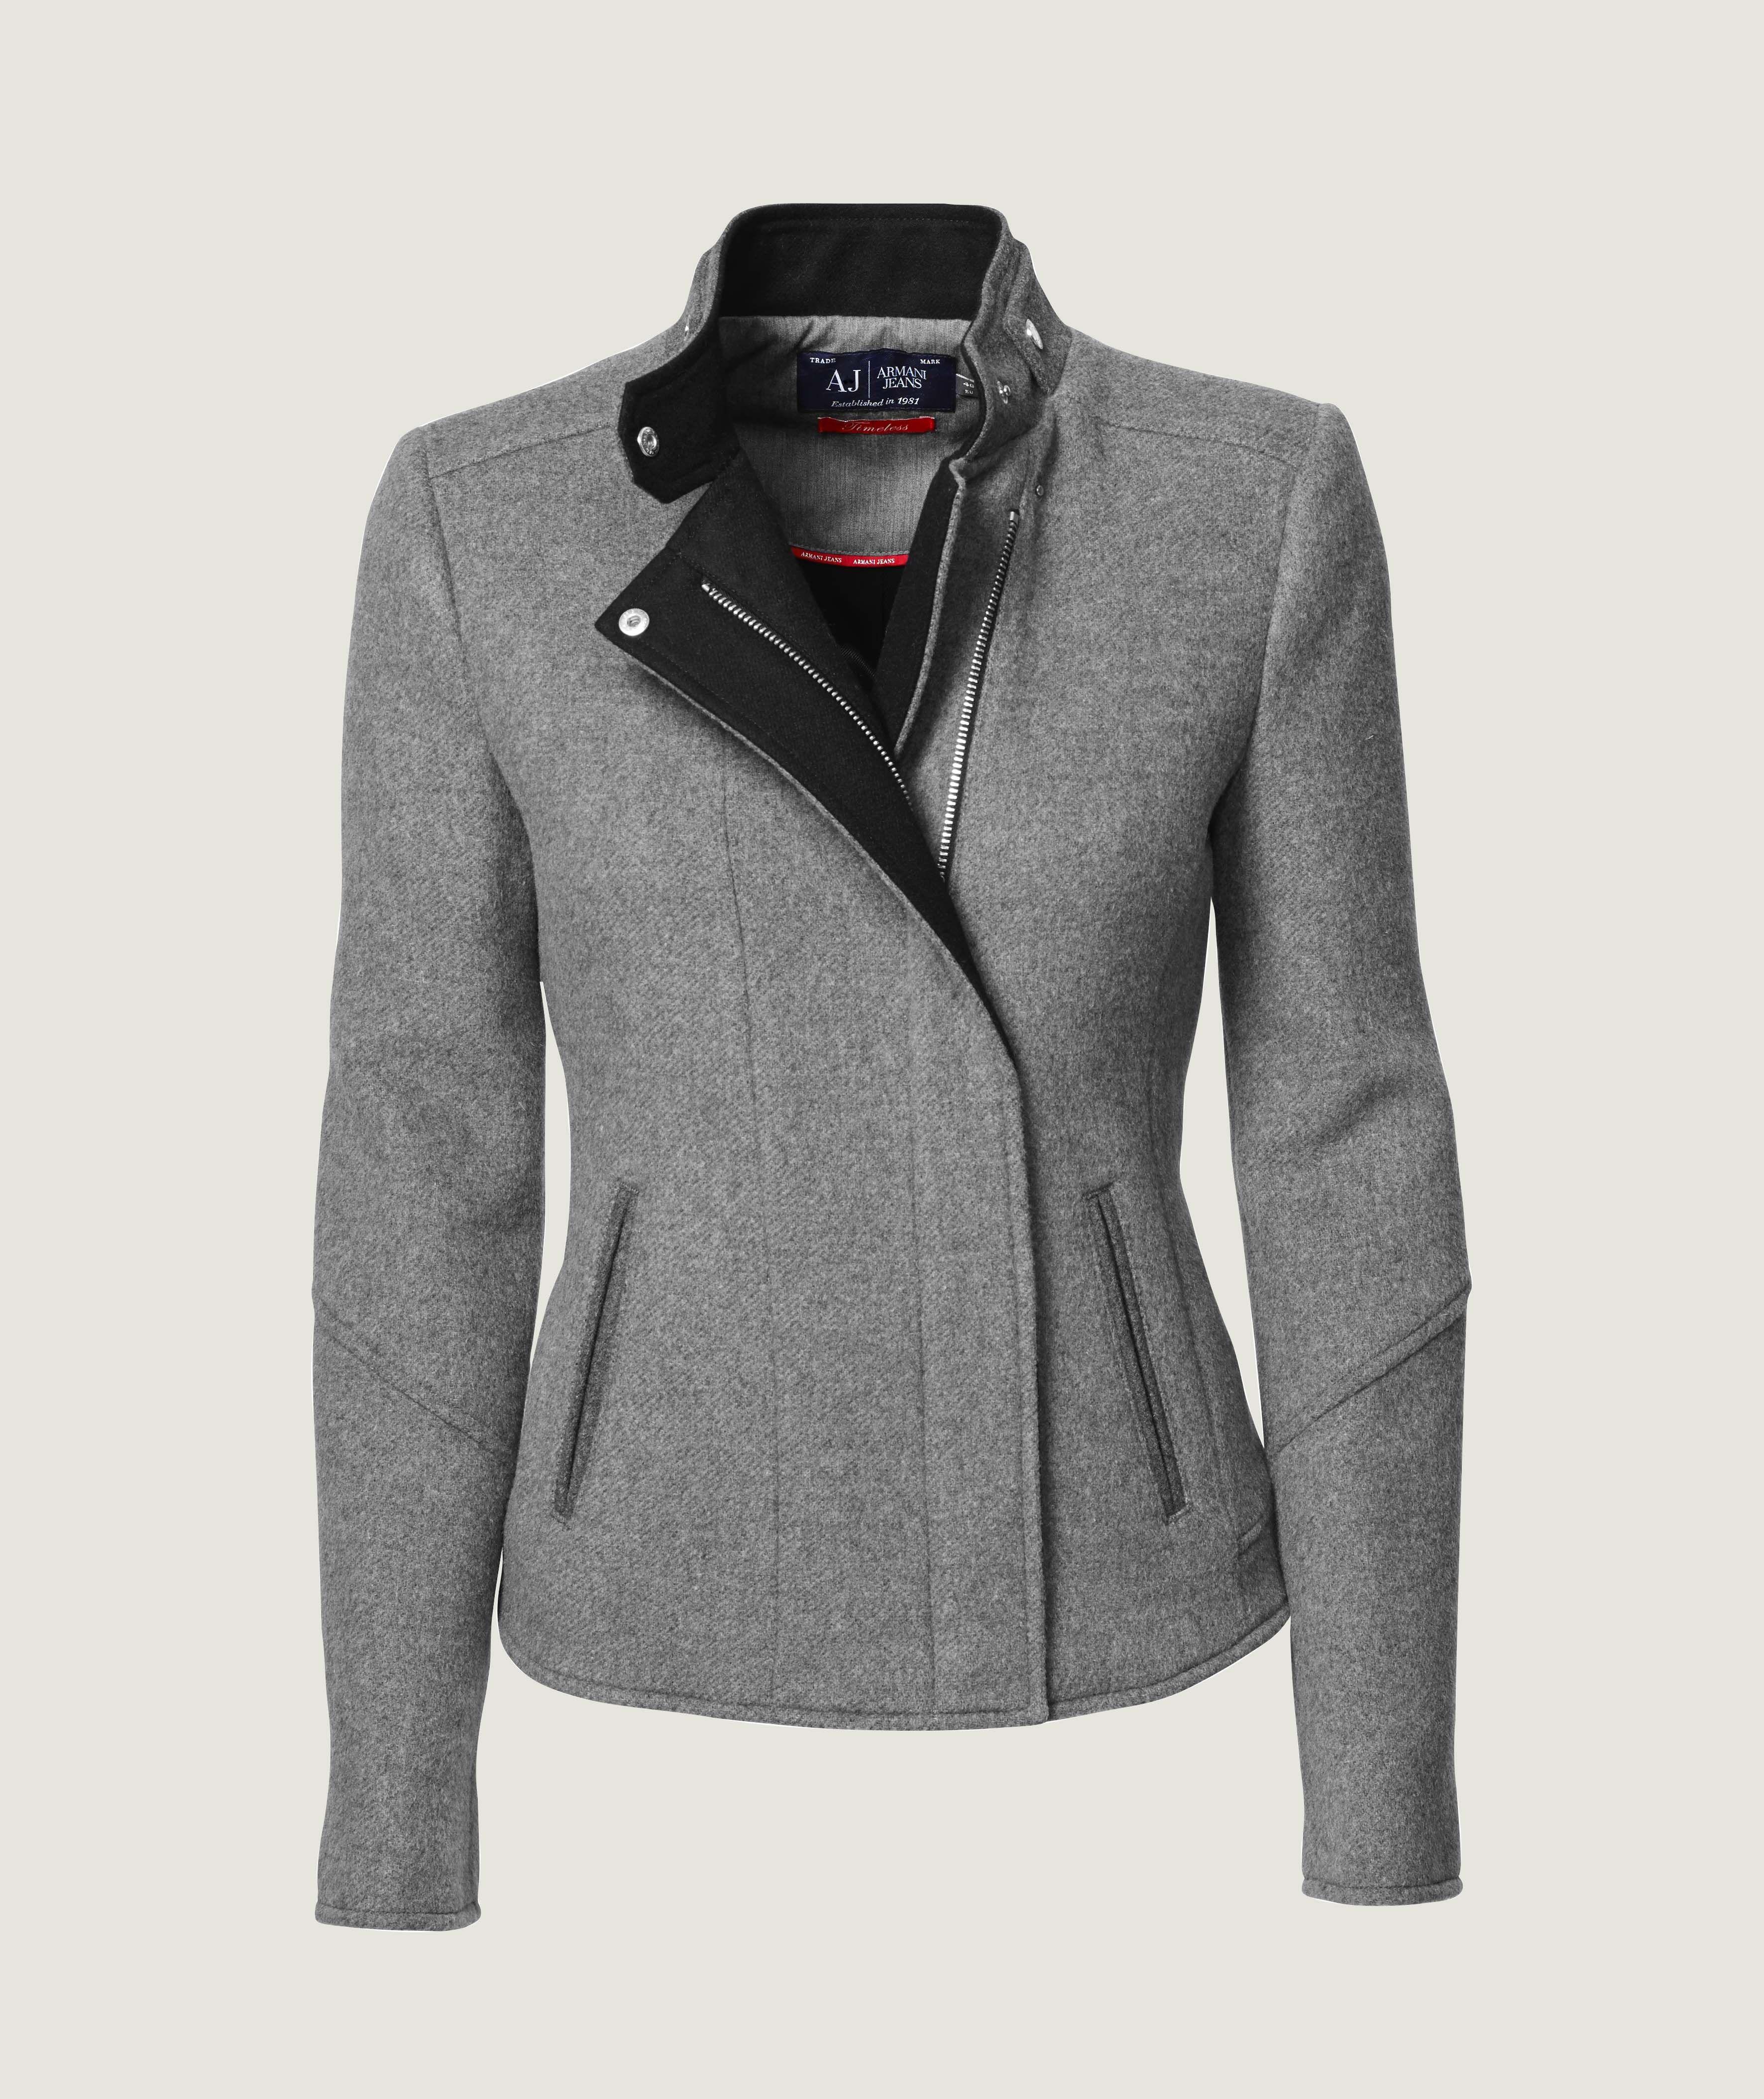 Troelstrup AW14. Armani Jeans jakke // Armani Jeans wool jacket